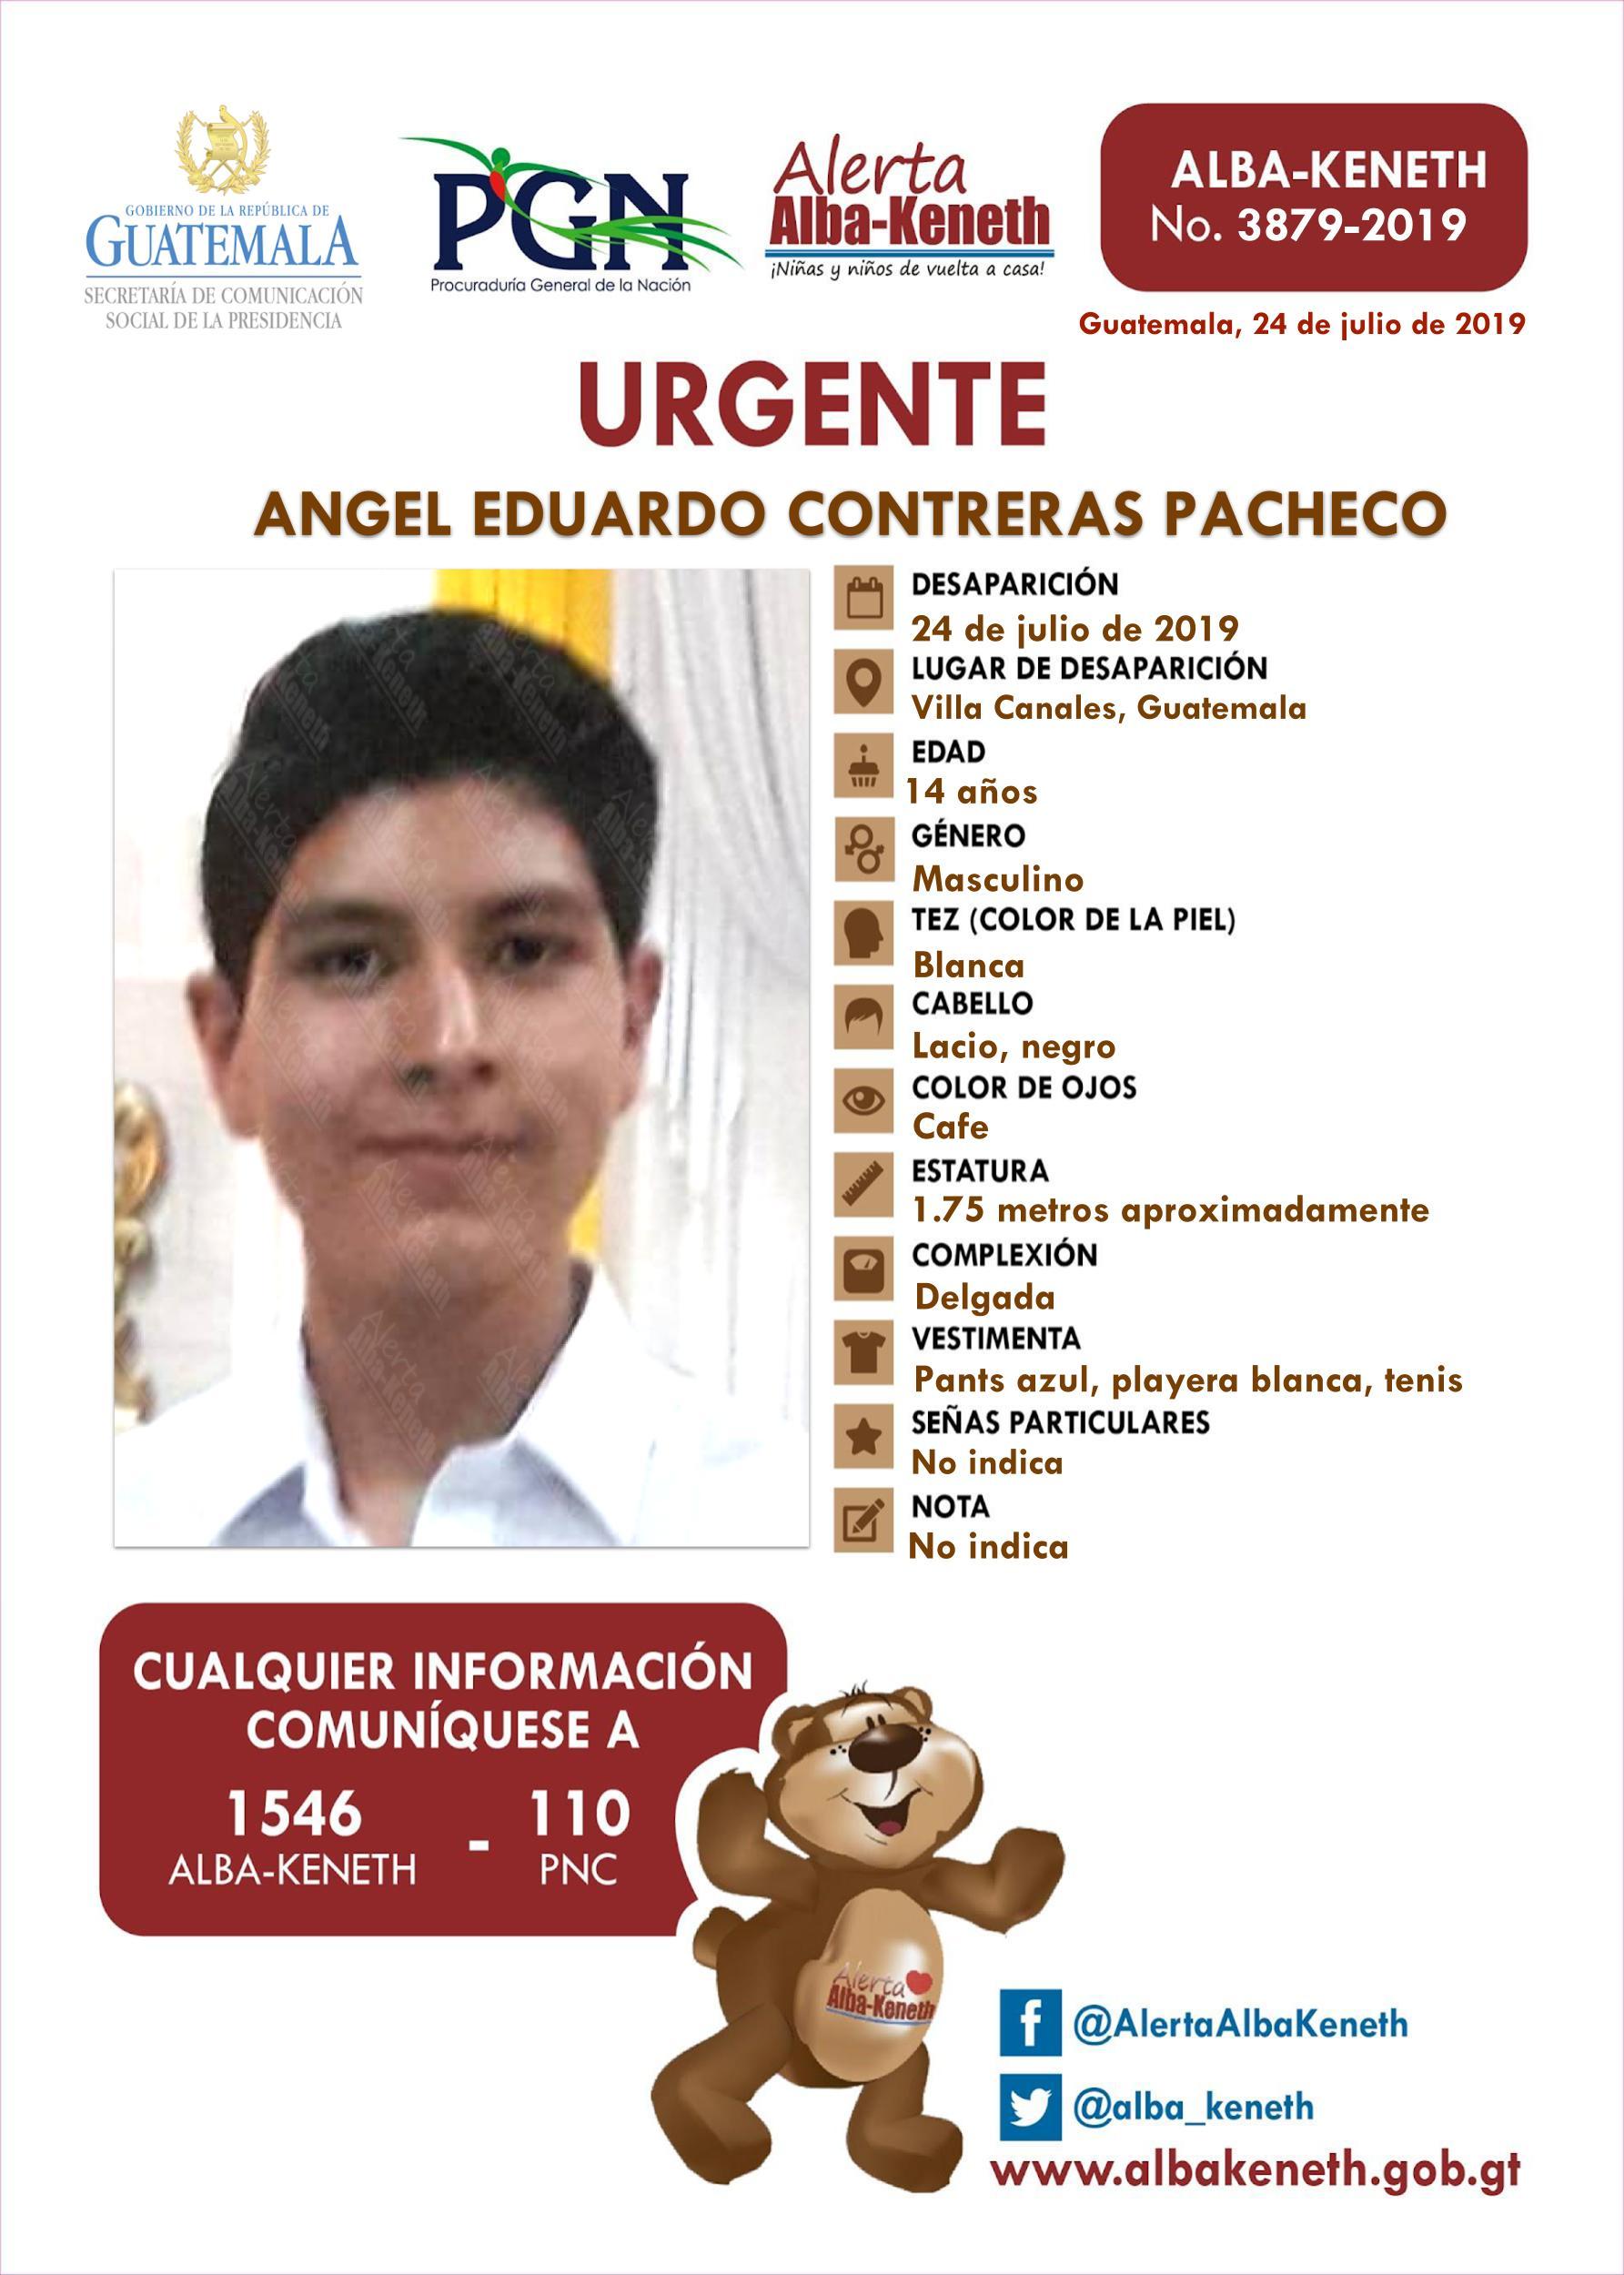 Angel Eduardo Contreras Pacheco